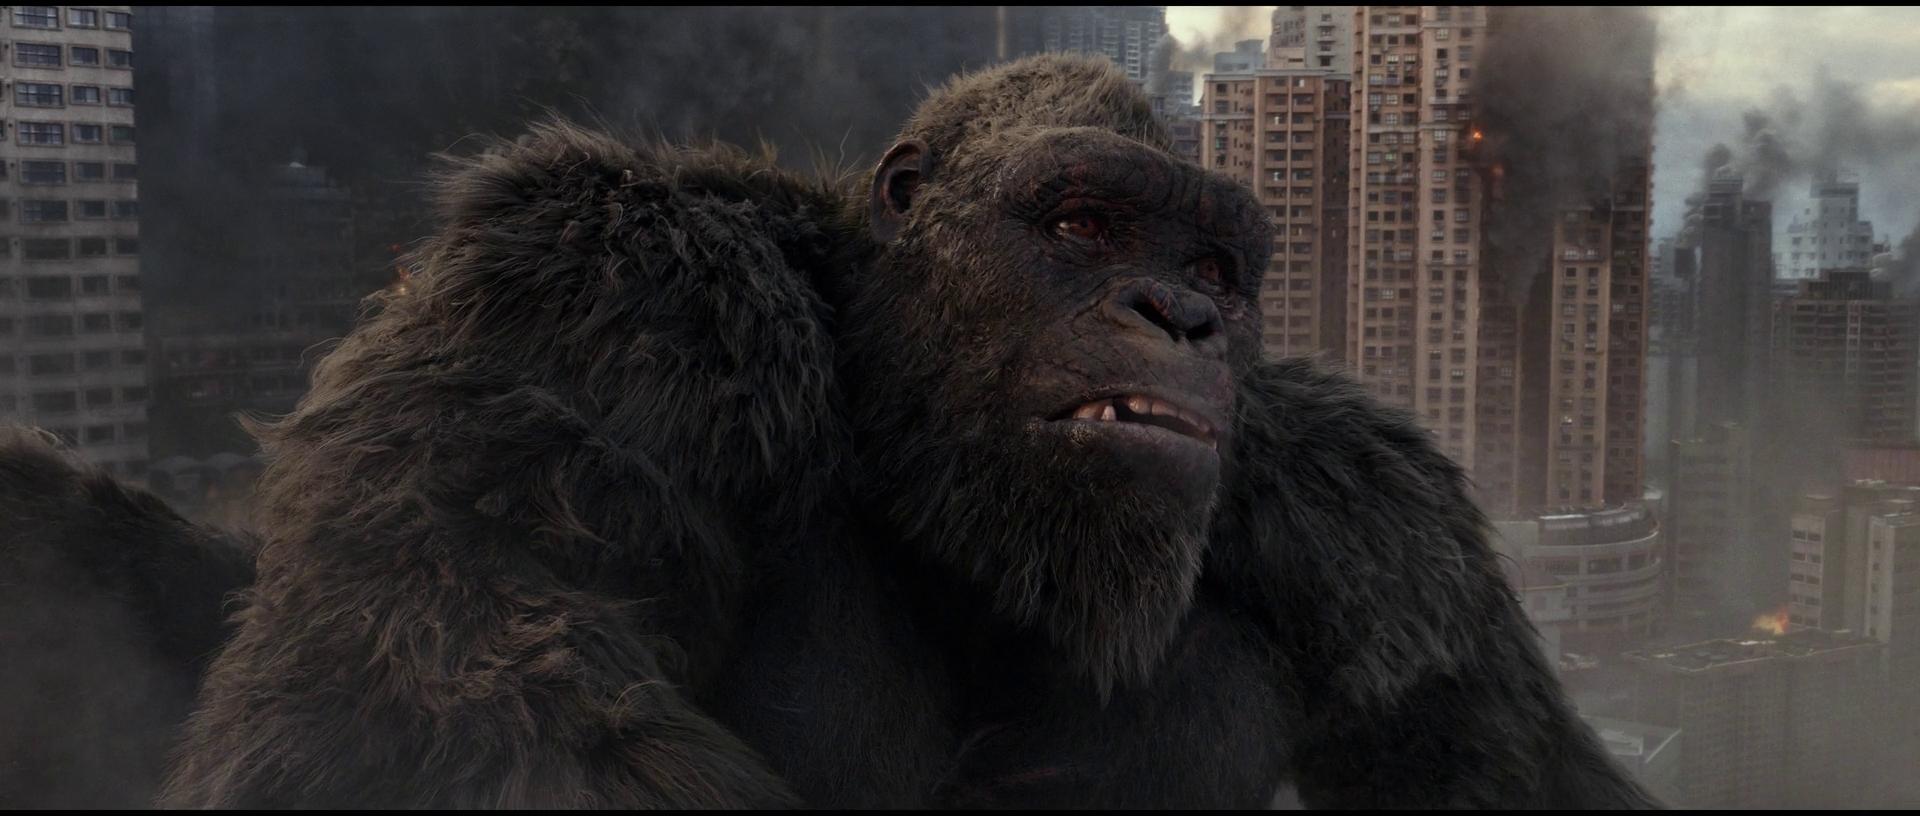 Godzilla-vs-Kong-2021-377